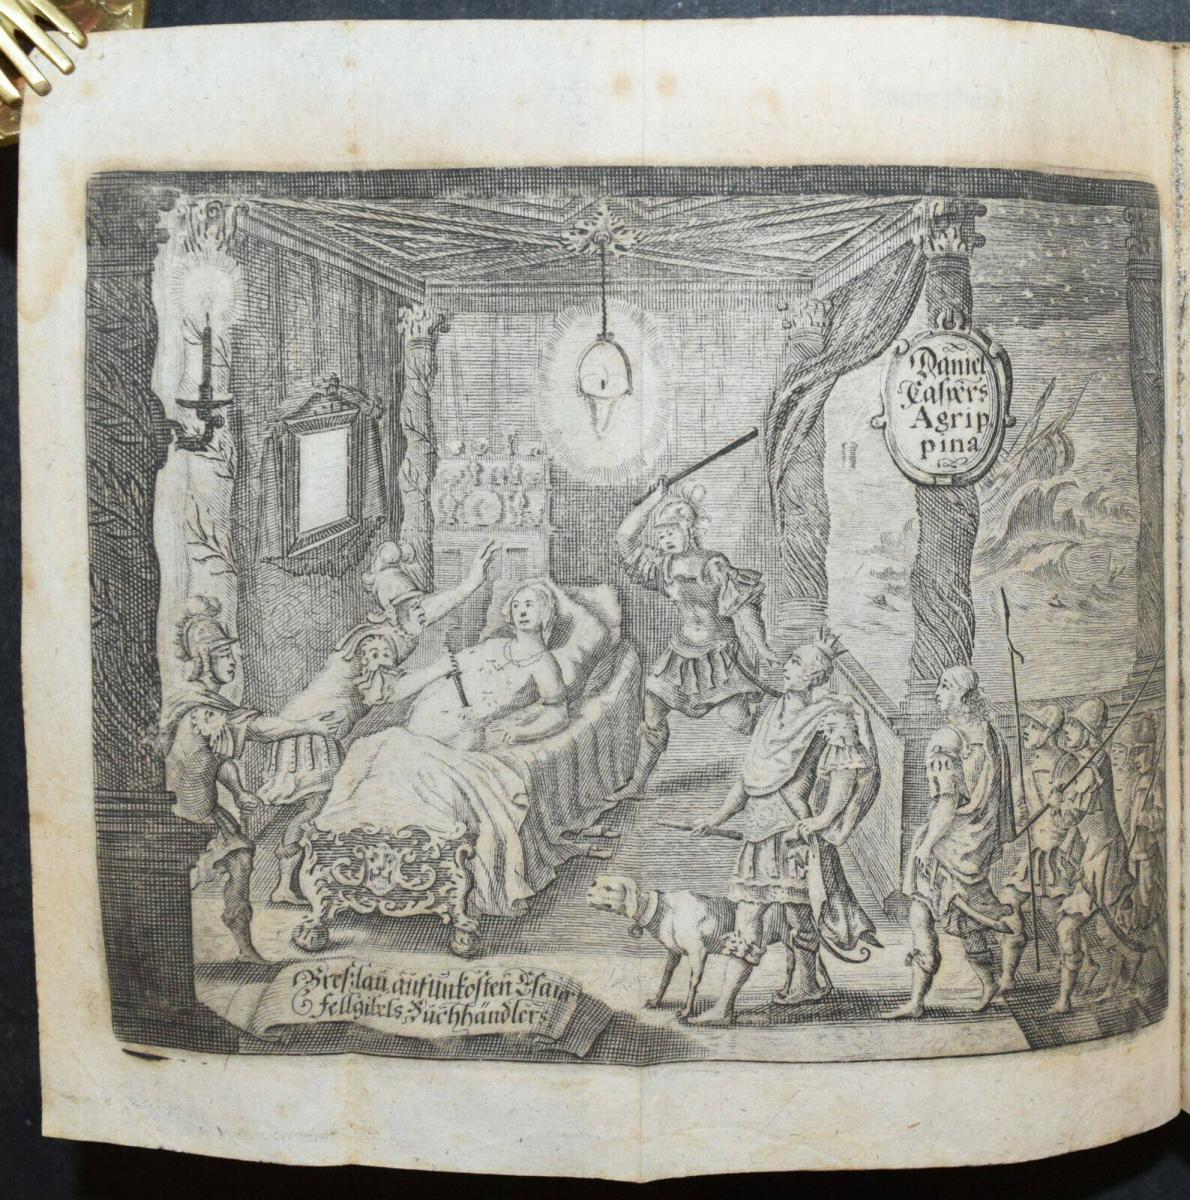 CLEOPATRA - DANIEL LOHENSTEIN - SAMMELBAND 1679 - 1724 - THEATERSTÜCKE - DRAMEN 0